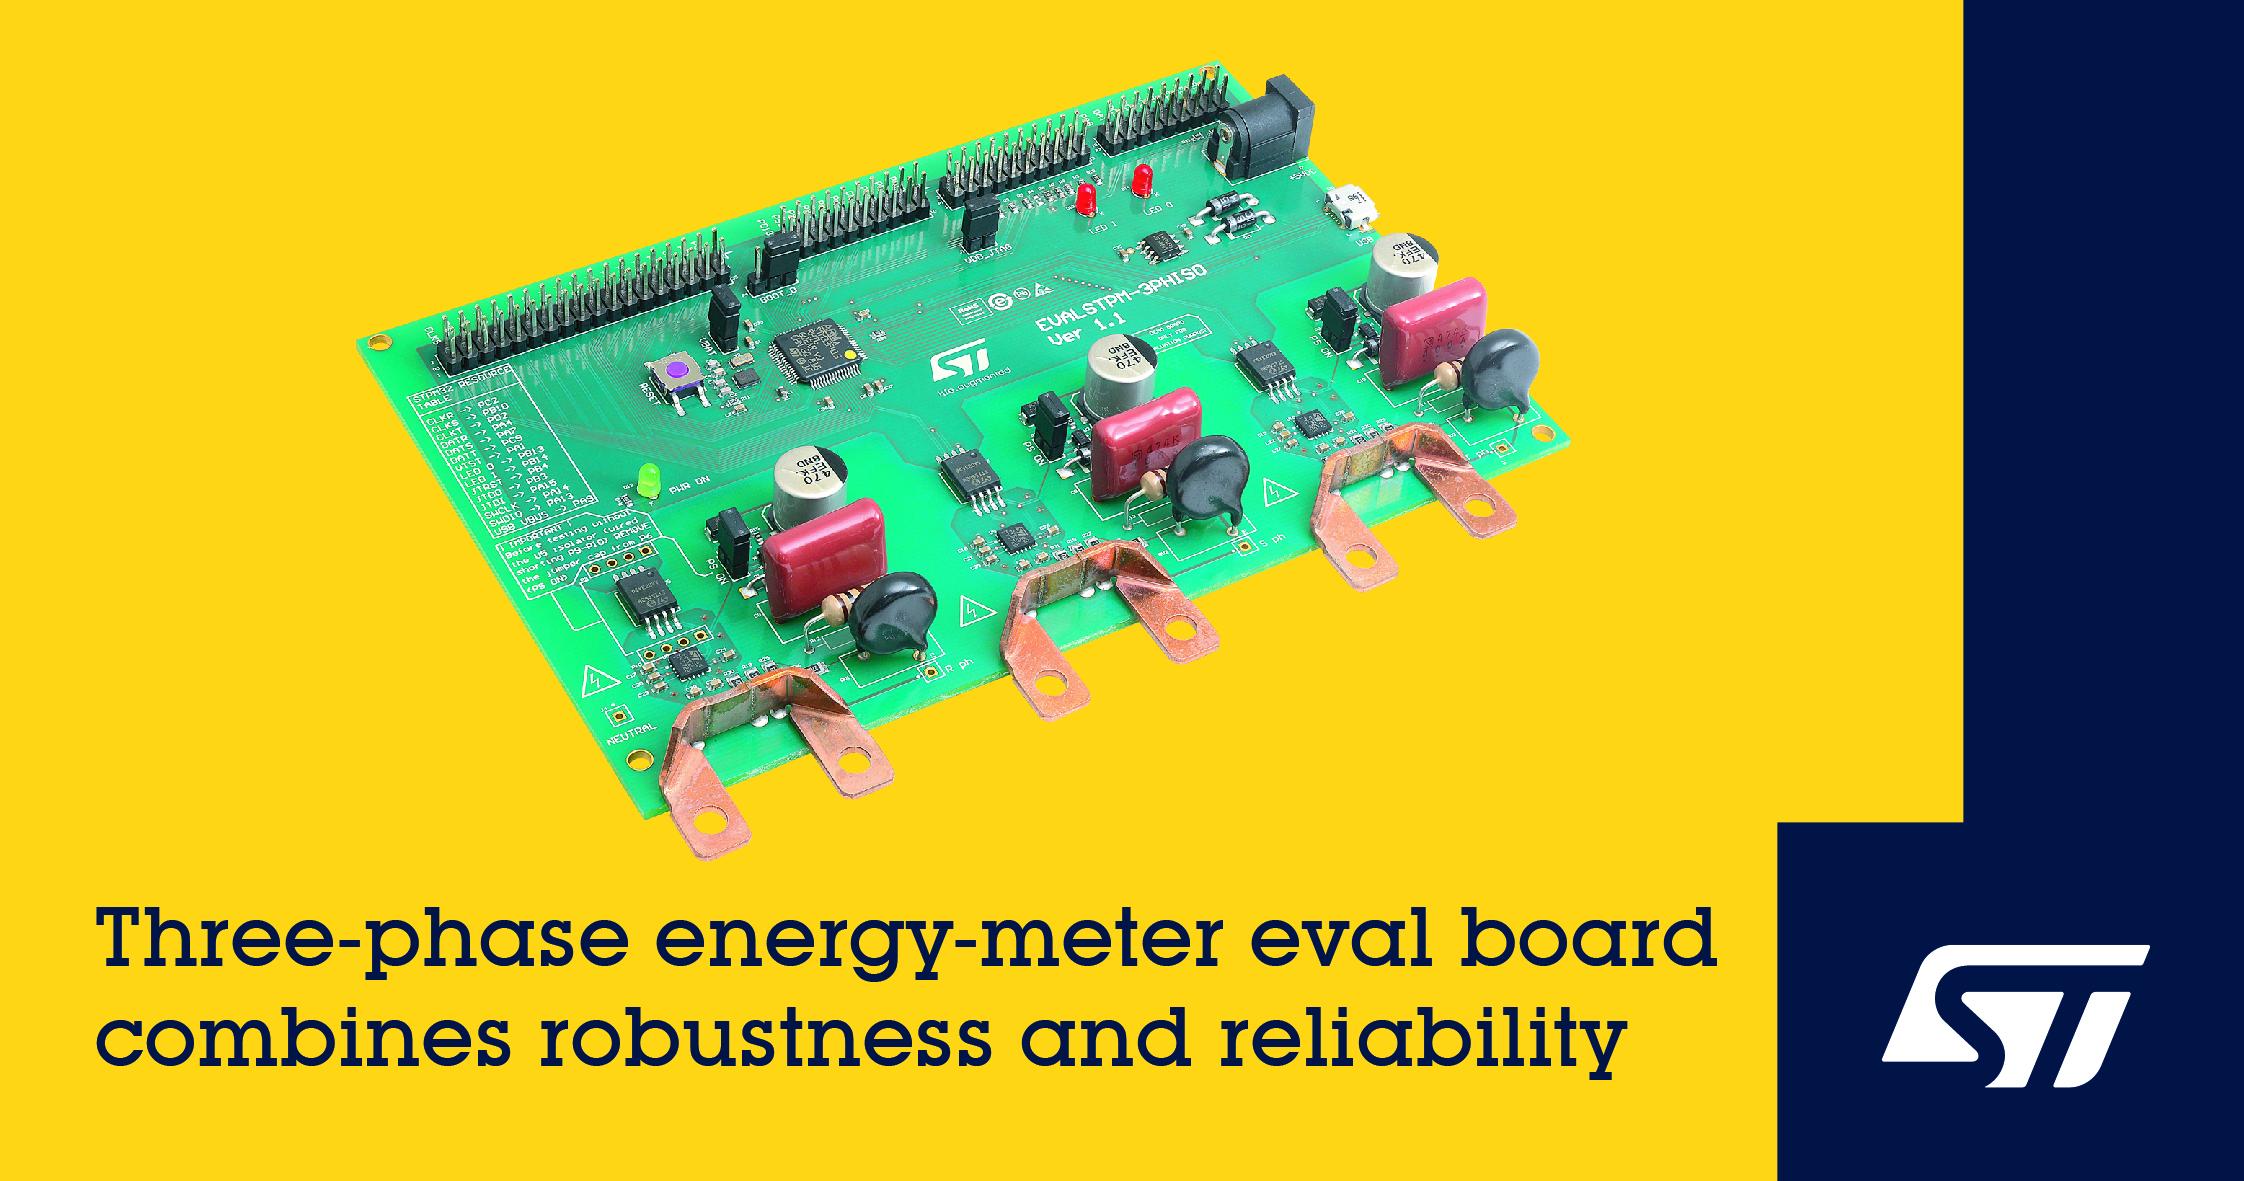 意法半导体推出功能完整的电能表评估板集成低成本传感器和稳健的电隔离功能